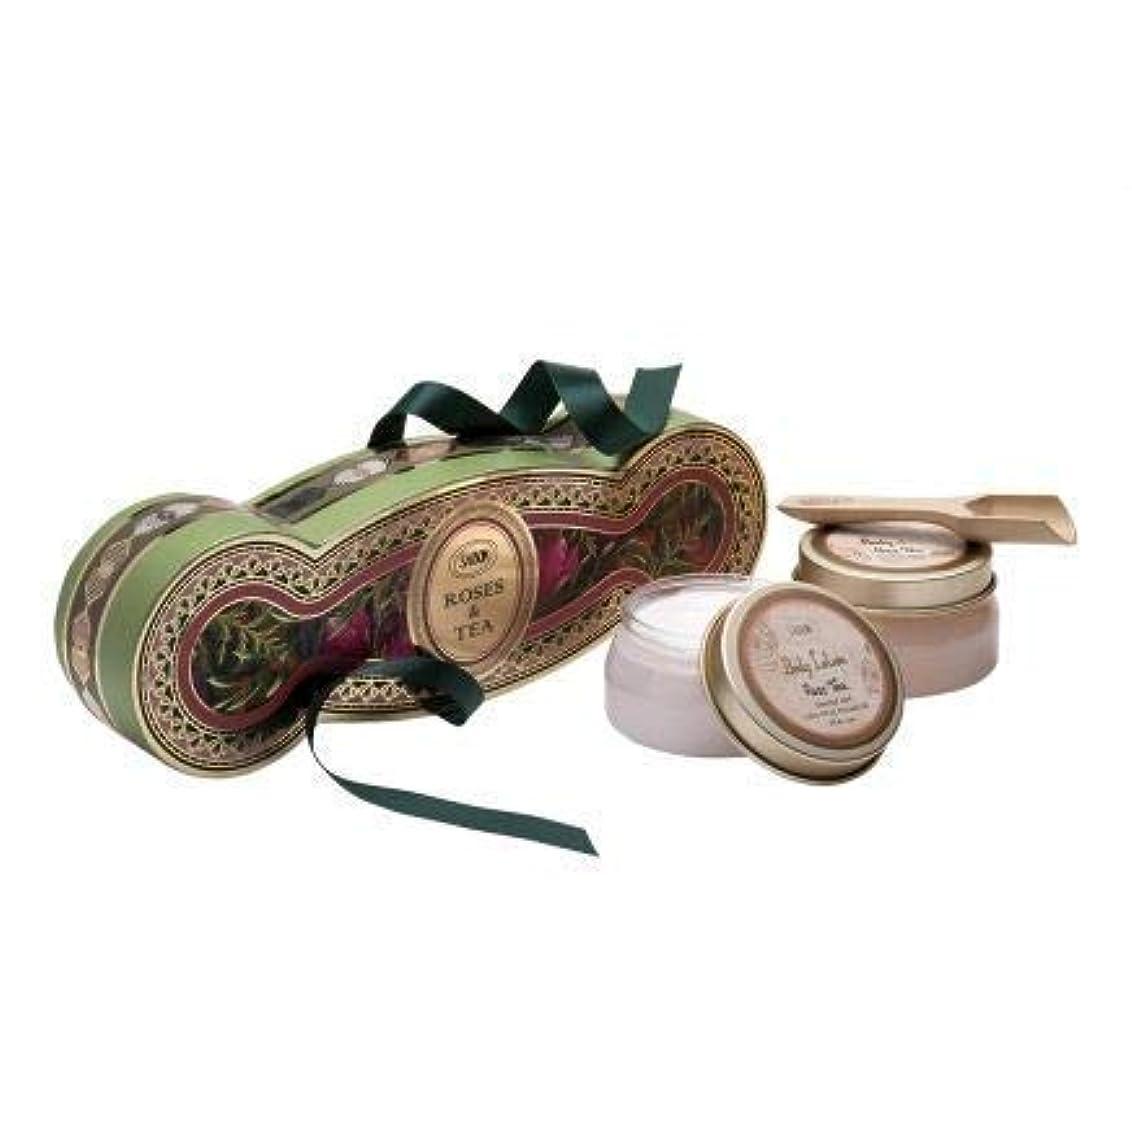 集団アヒル静的サボン コフレ ギフト ローズティー キット ボディスクラブ ボディローション ホワイトデー SABON Rose Tea kit コレクション